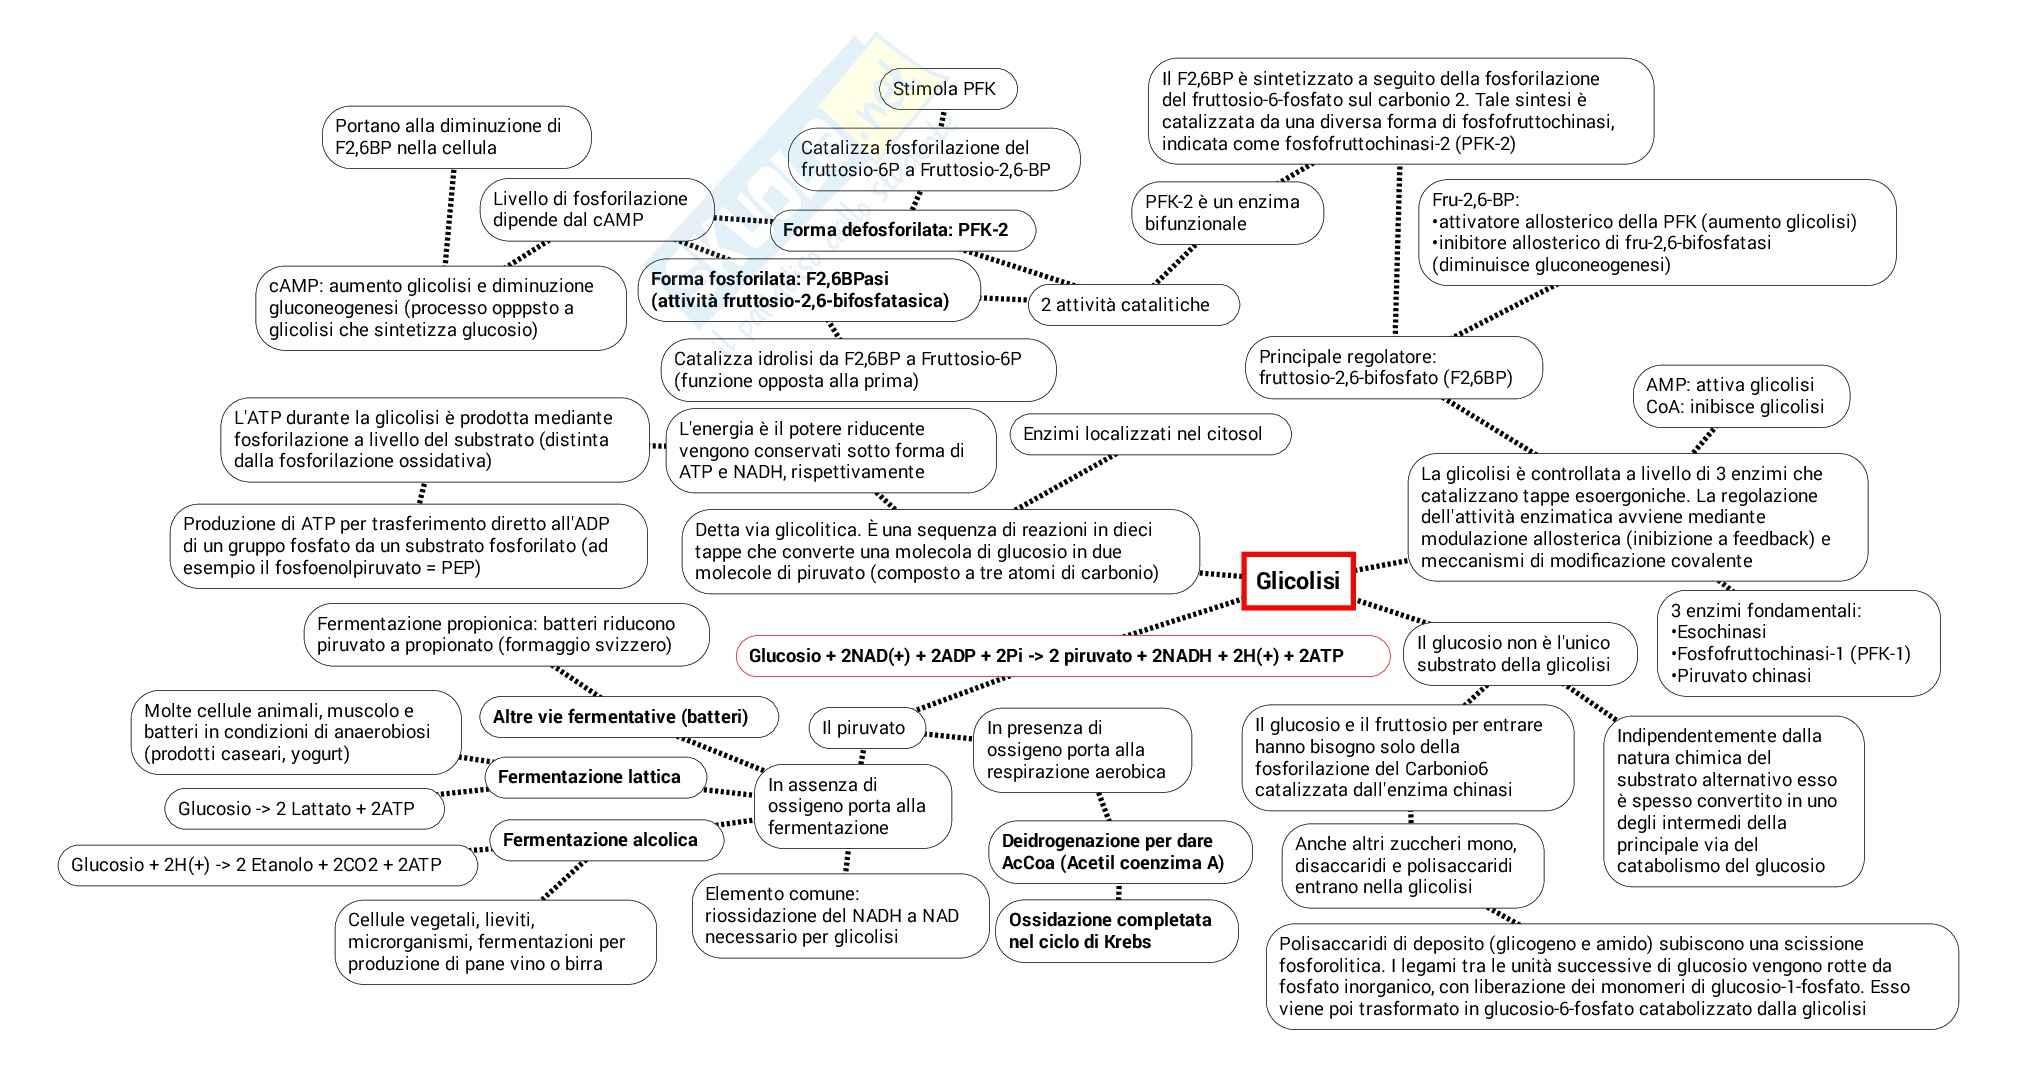 Schema su Glicolisi metabolismo e fermentazione pdf